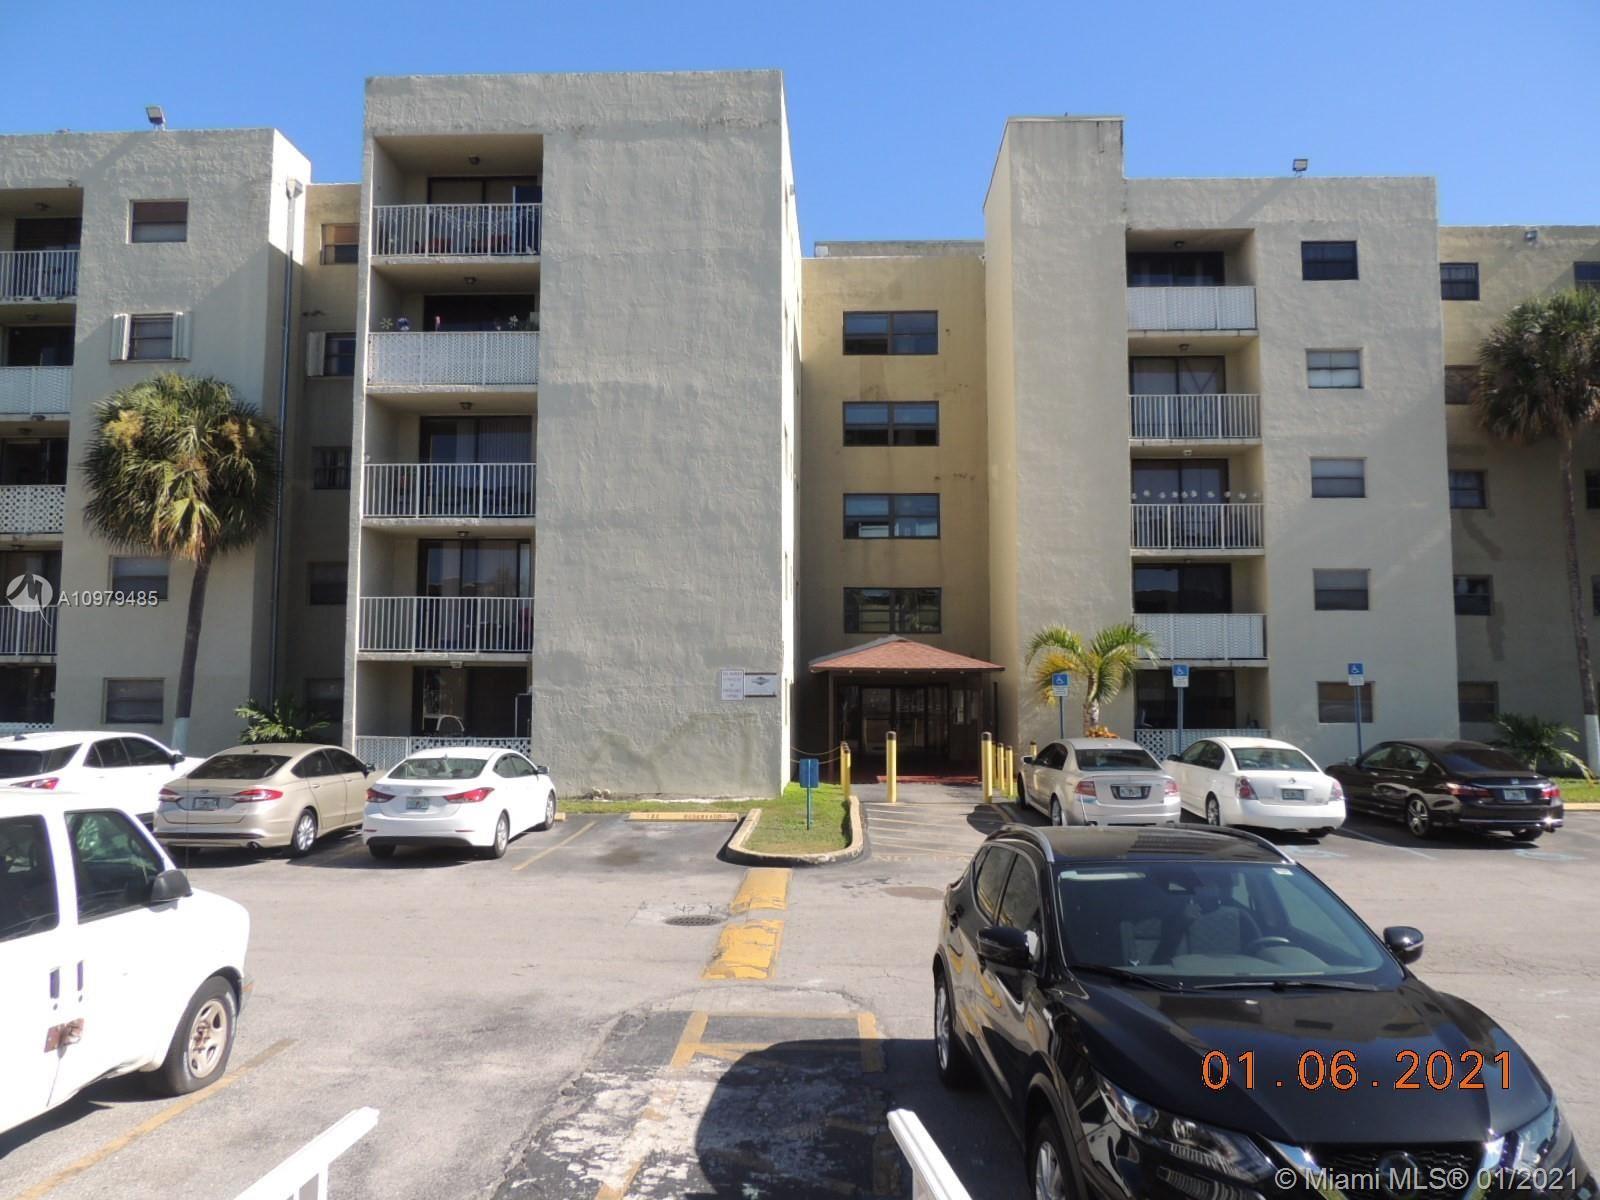 8075 NW 7th St #508, Miami, FL 33126 - #: A10979485